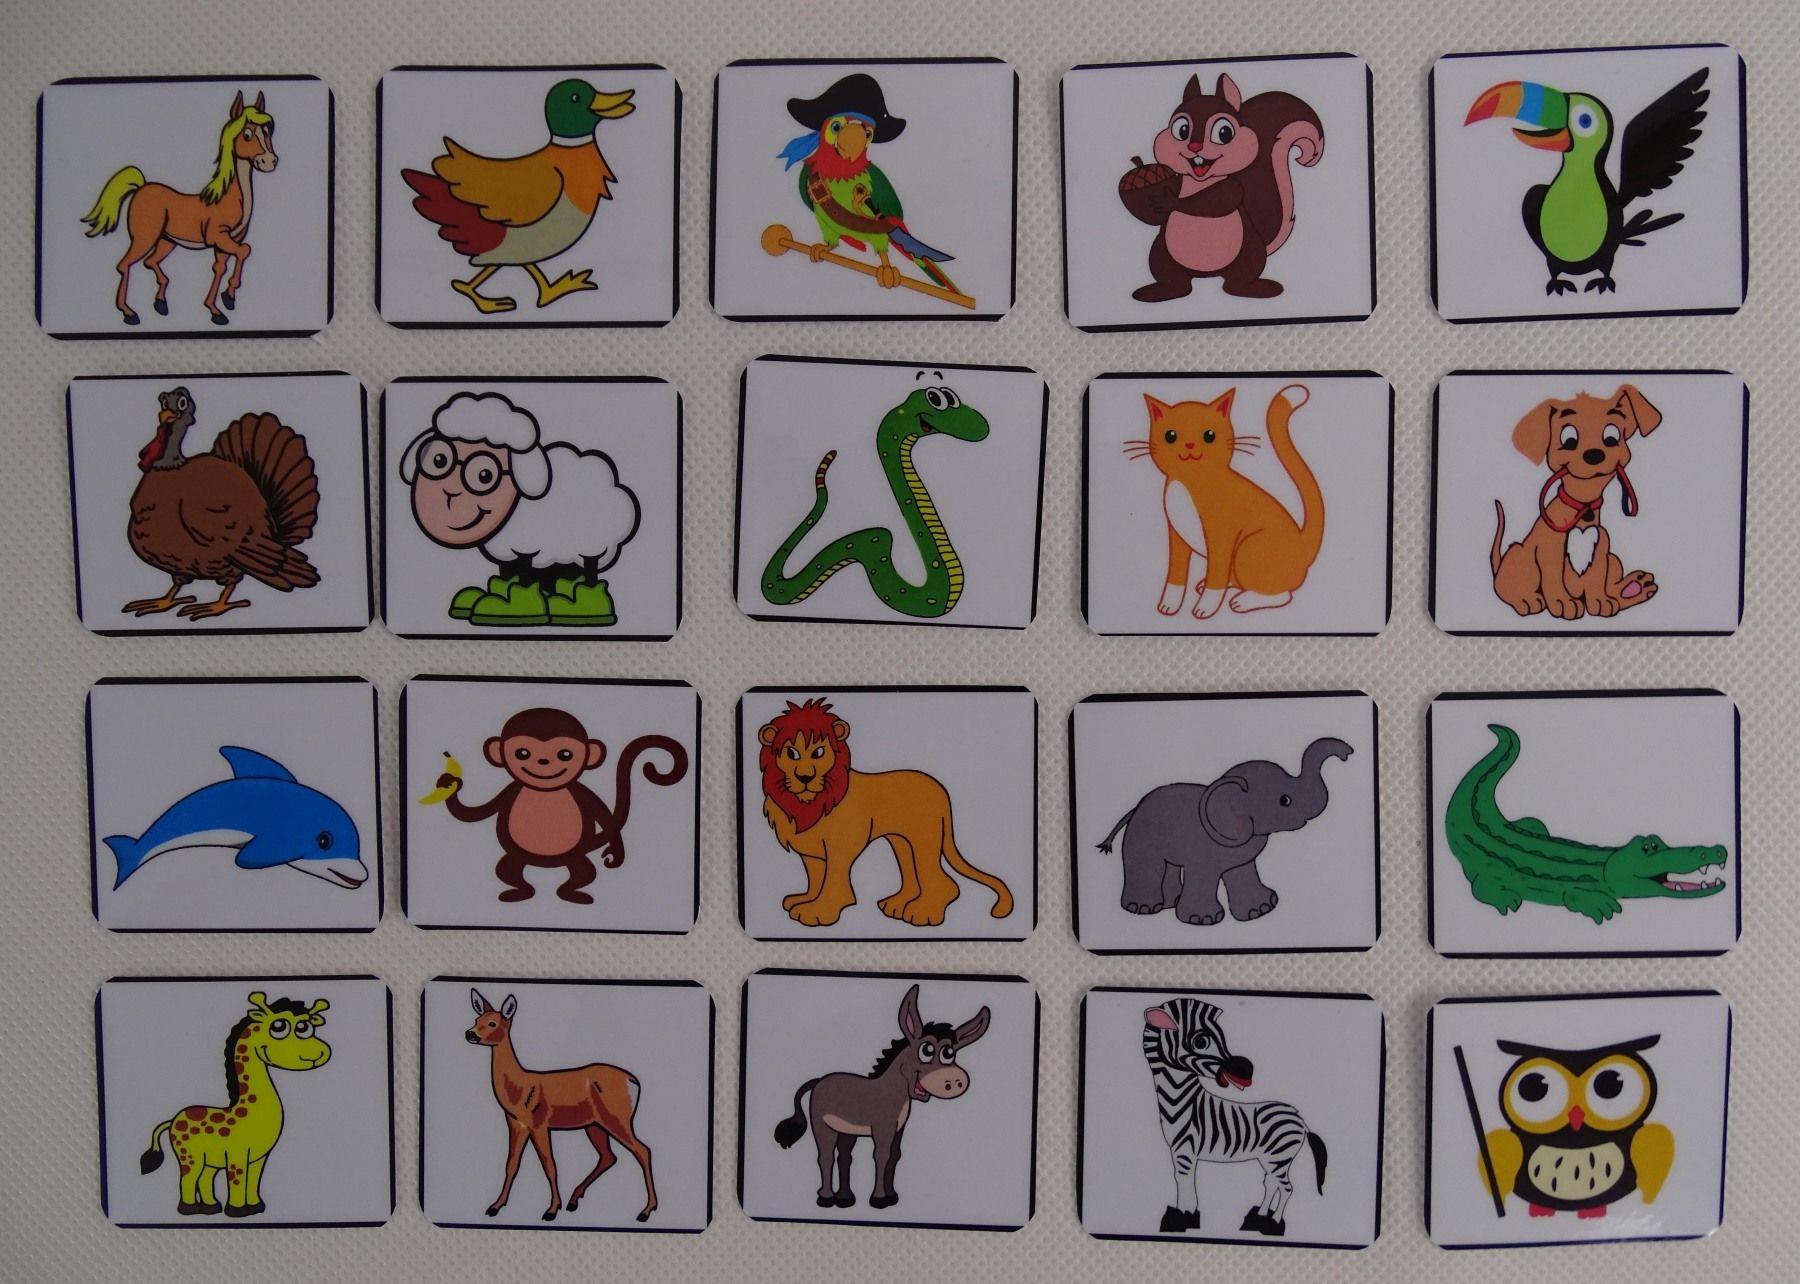 Znaczki rozpoznawcze do tablicy motywacyjnej / znaczki na szafkę zwierzątka i figury 40 szt.